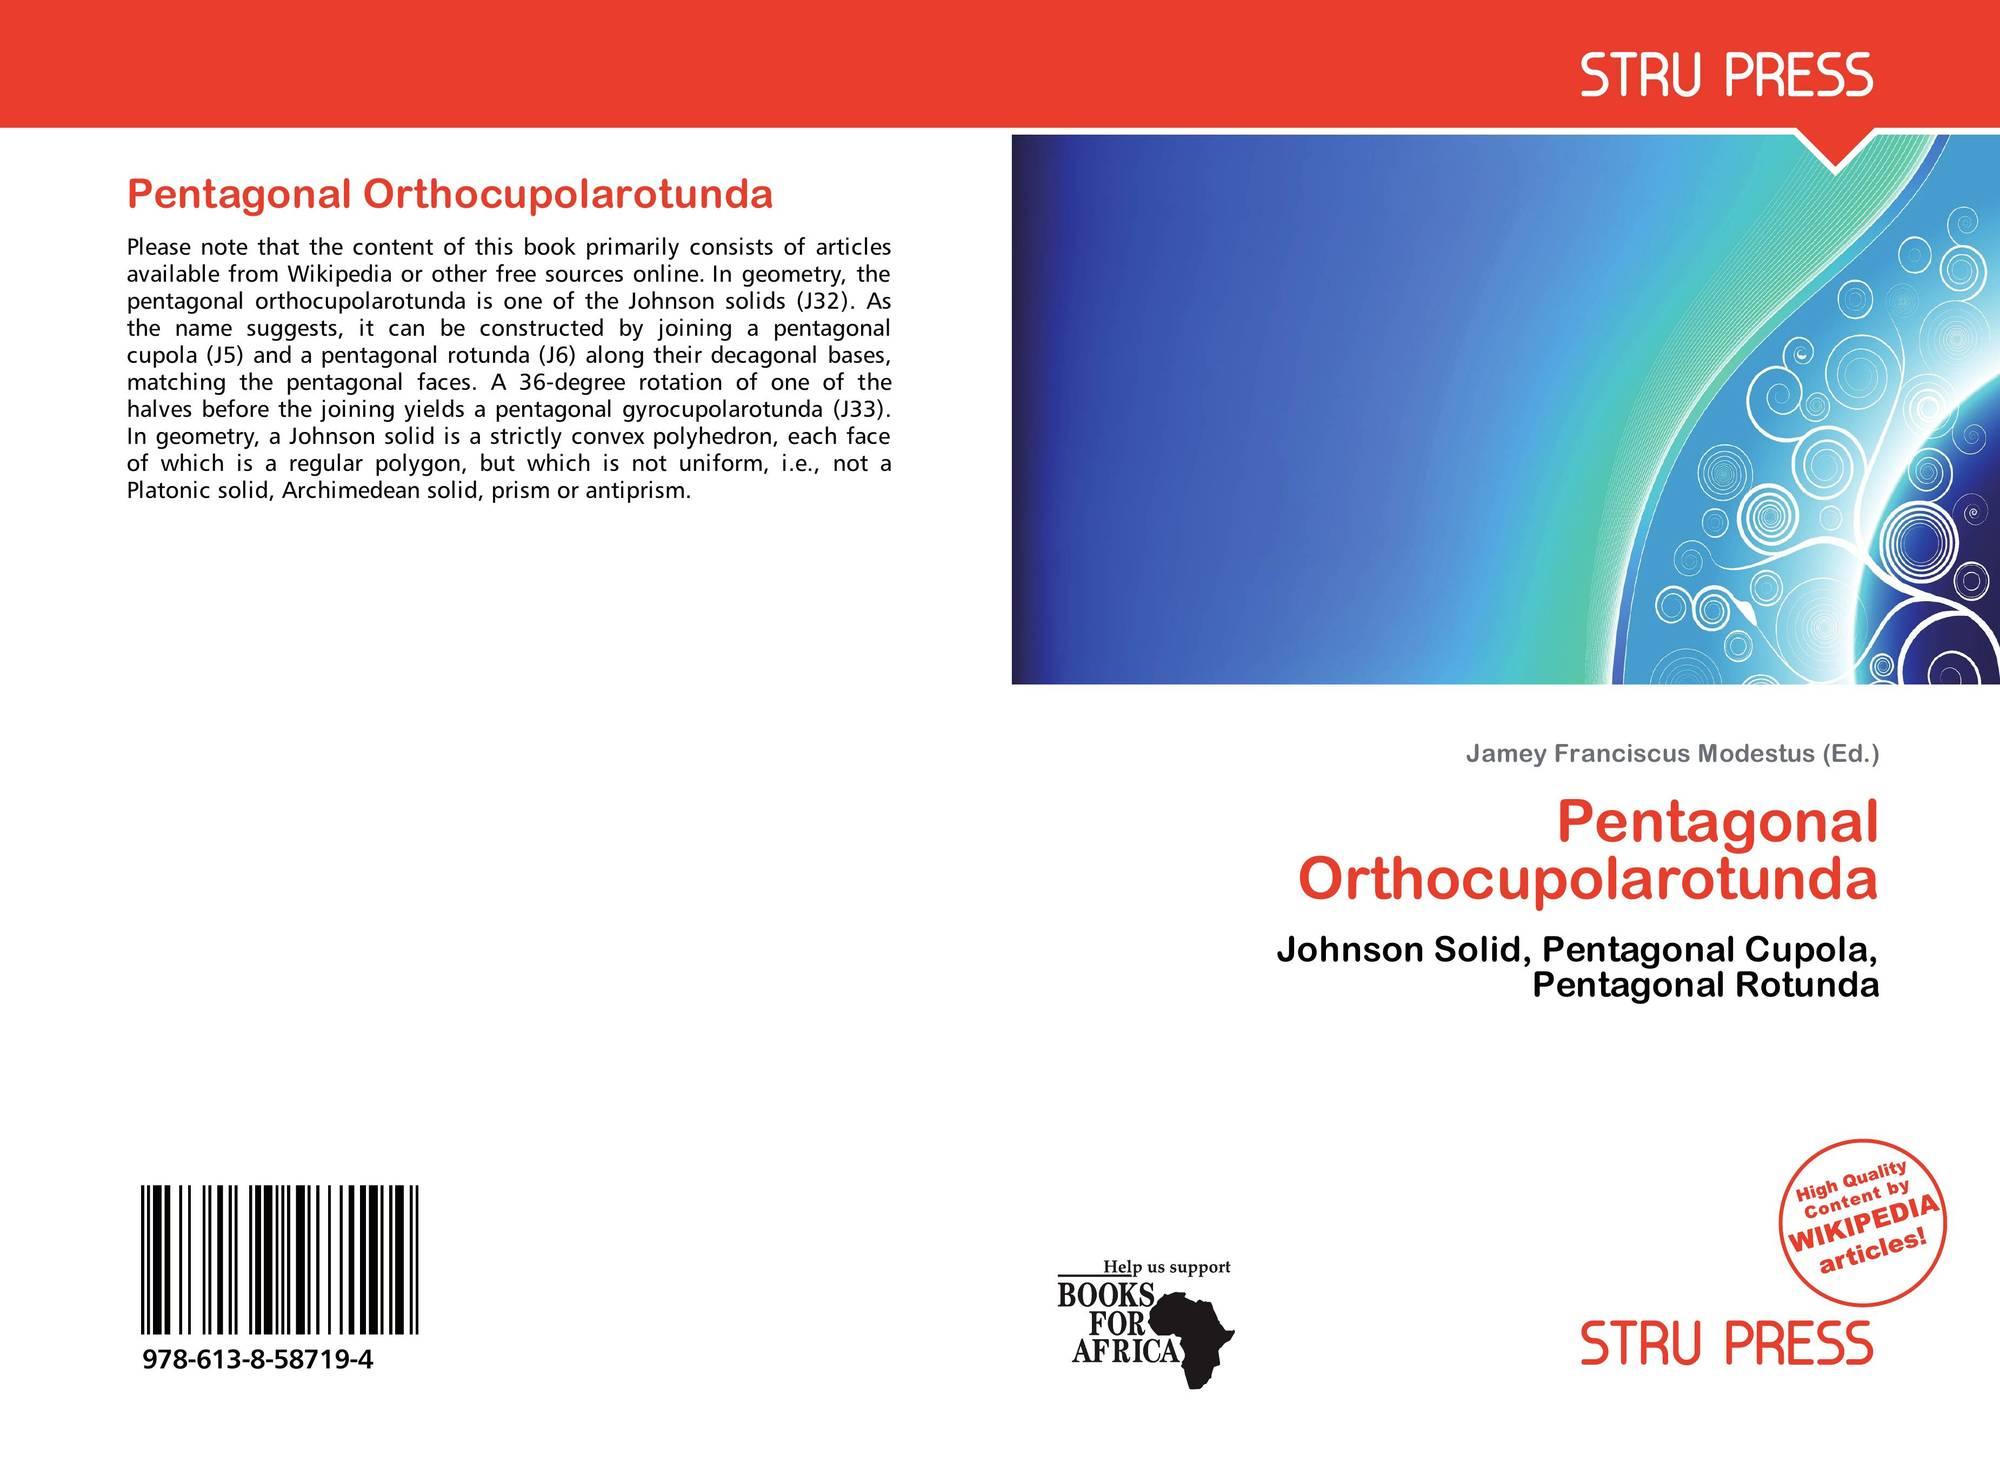 Pentagonal Orthocupolarotunda, 978-613-8-58719-4, 6138587197